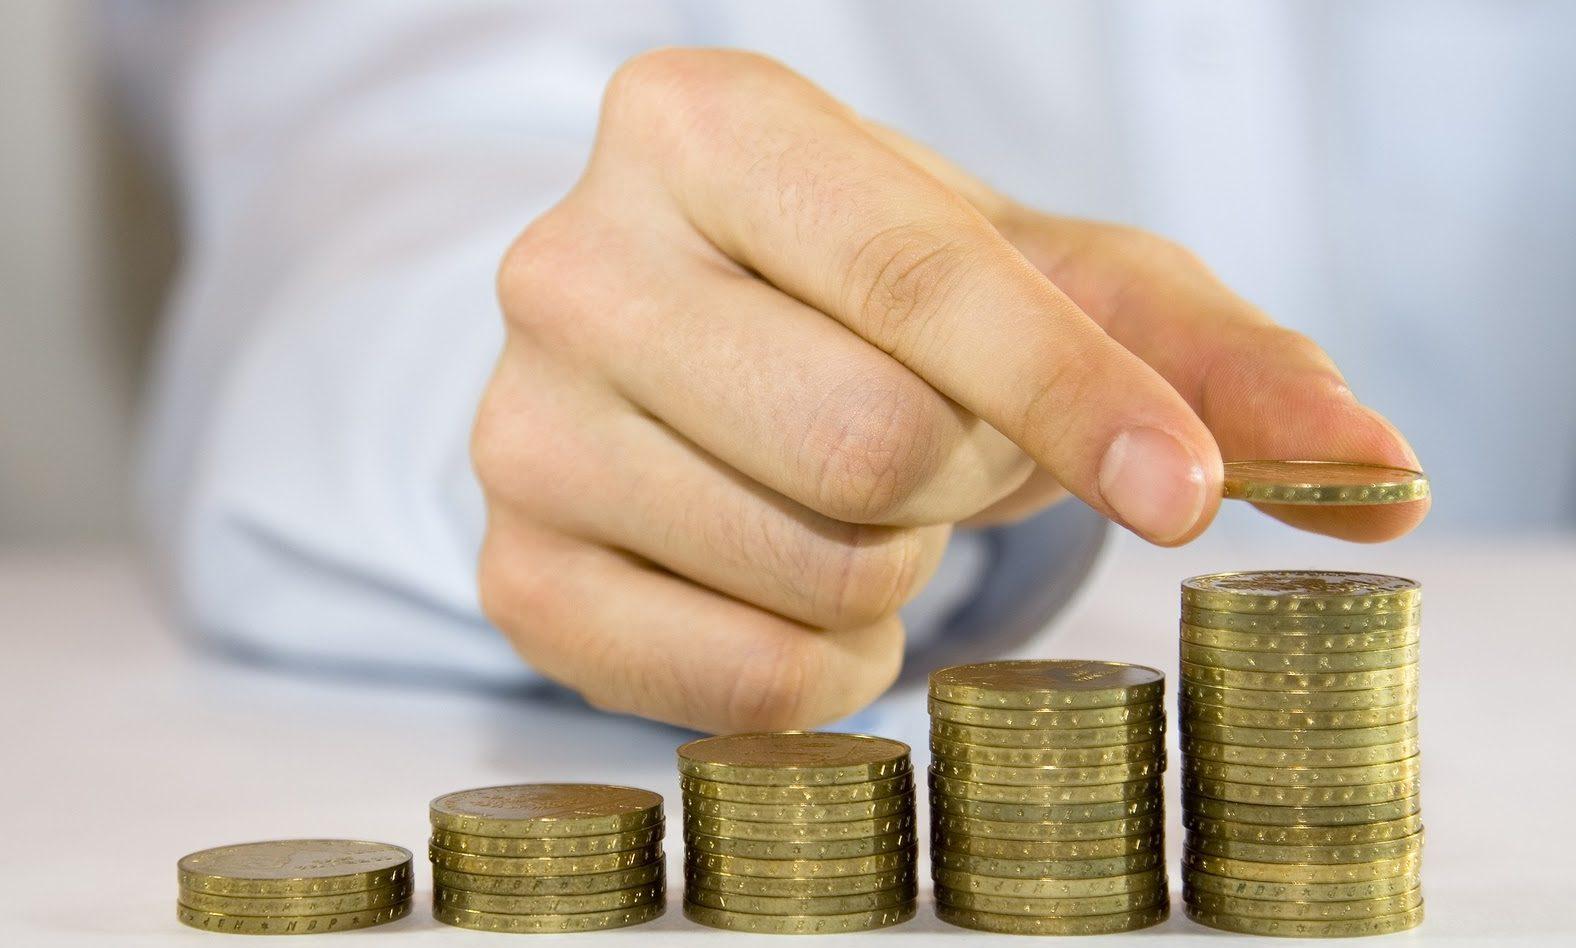 hogyan lehet jó pénzzel pénzt keresni